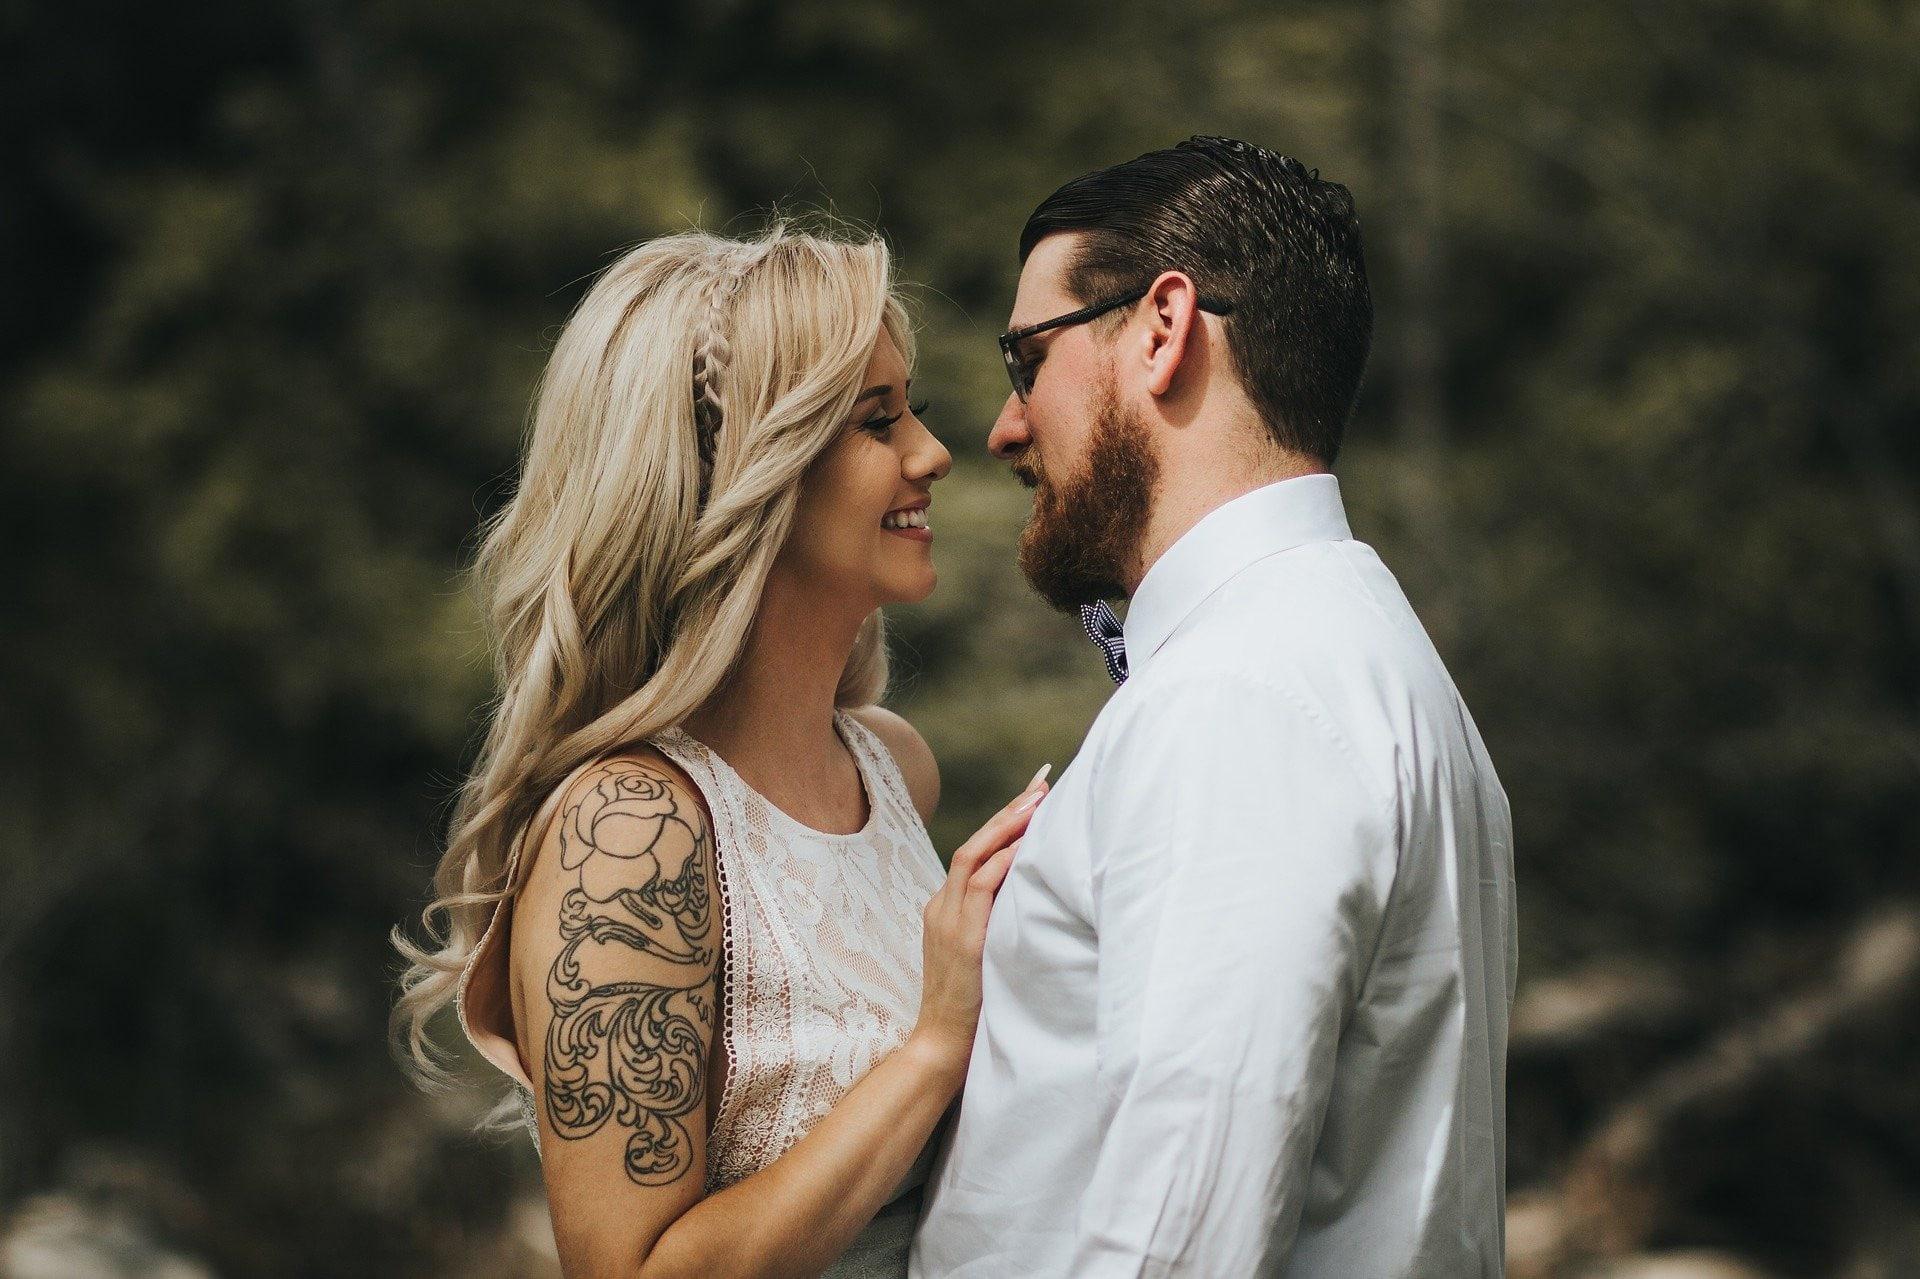 Le tatouage or ephemere est-il le meilleur coloris ?